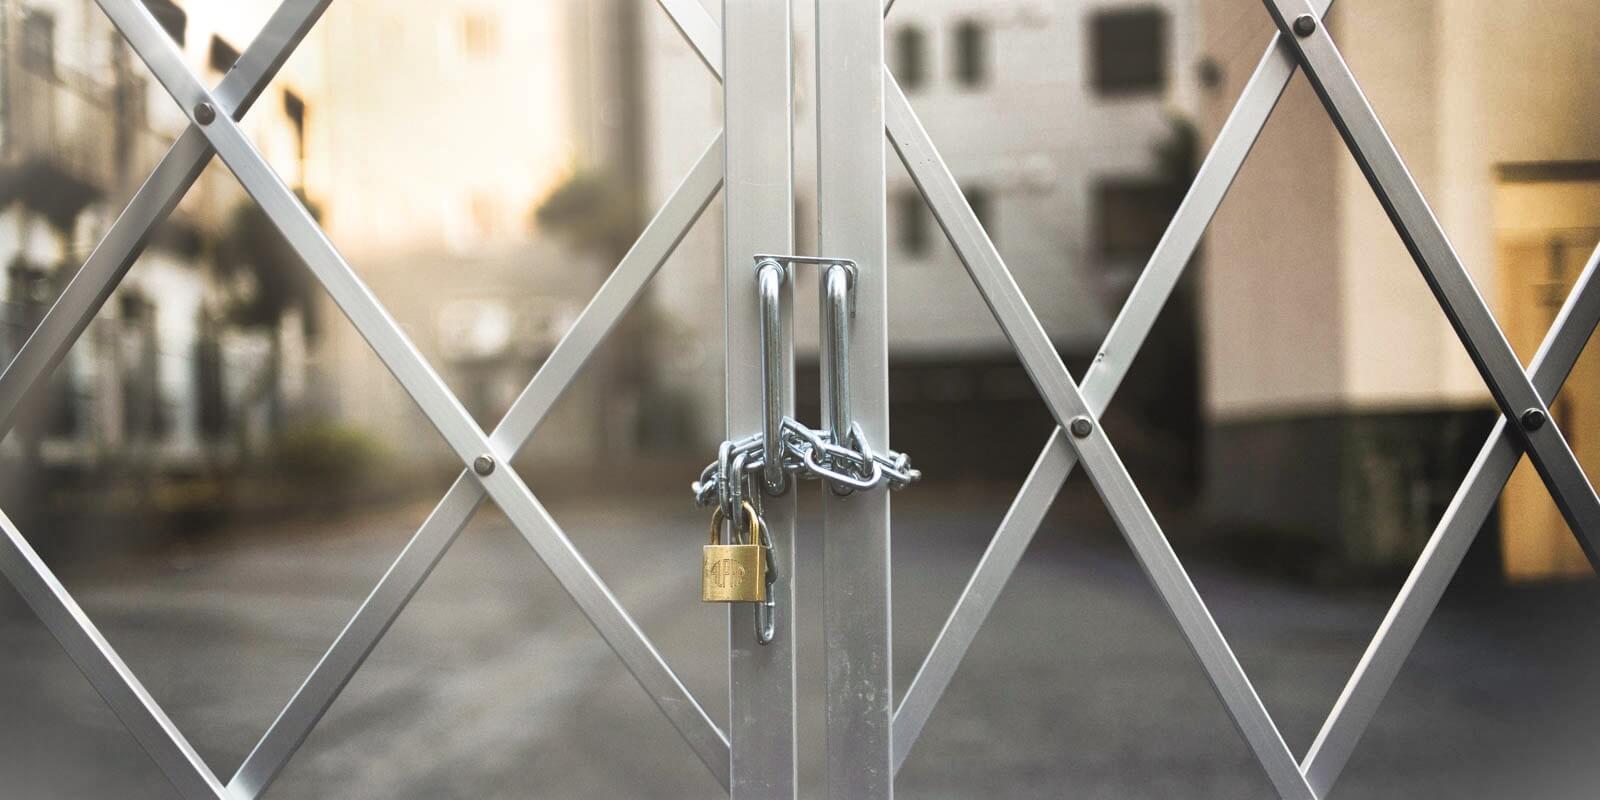 Seguridad de datos: ¿Cómo protegen sus datos las PYMEs?